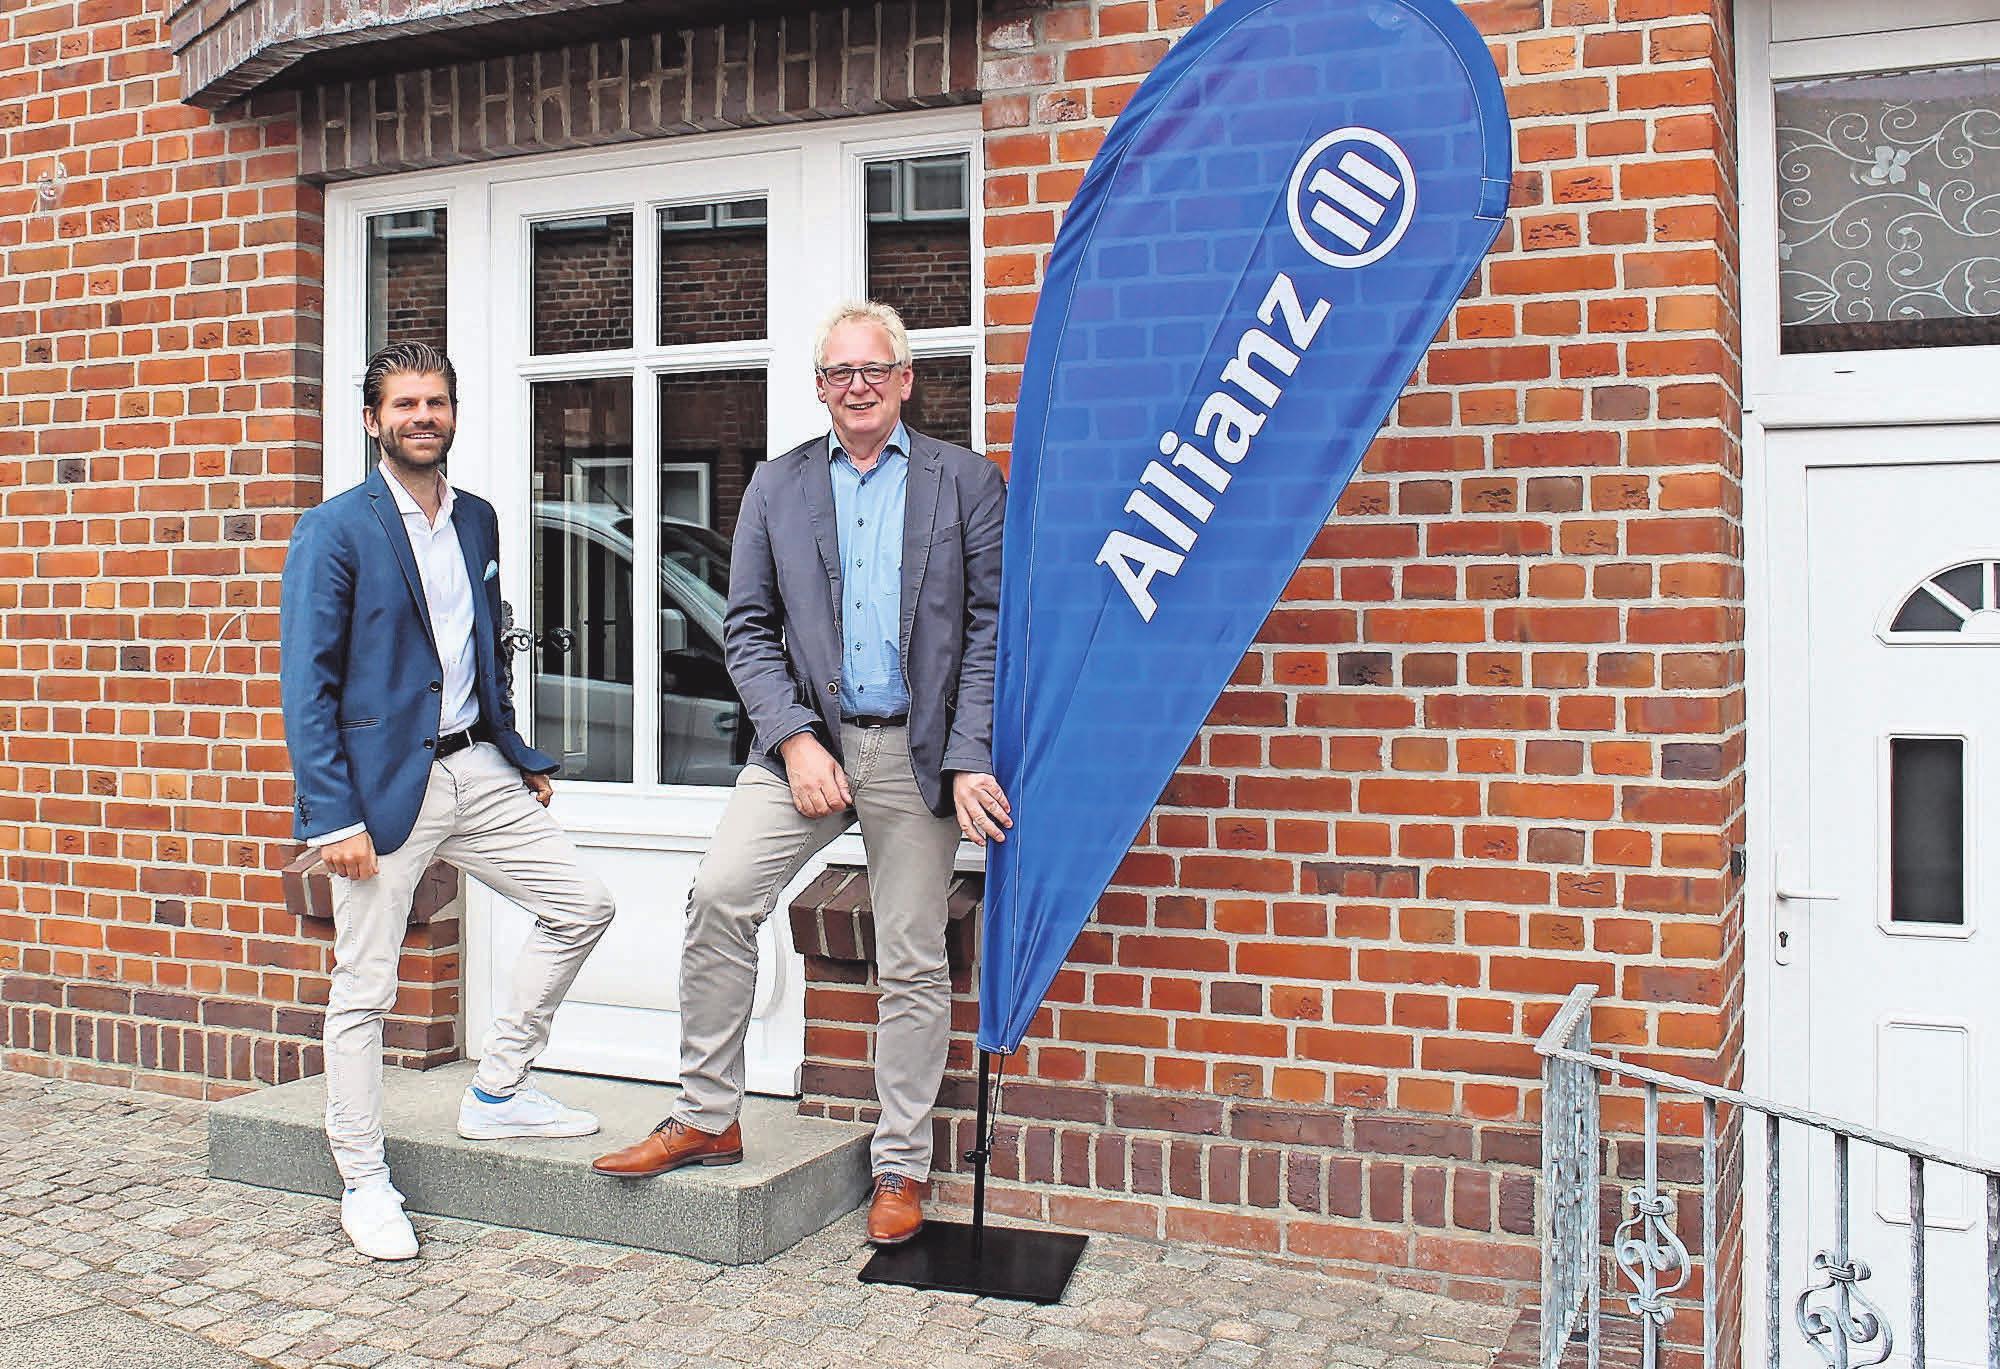 Die Allianz-Versicherungsvertretung in Oldenburg: Generalvertreter Volker Ruge (r.) und Tim Barez vor dem neuen Büro am Hopfenmarkt. Fotos: M. Billhardt